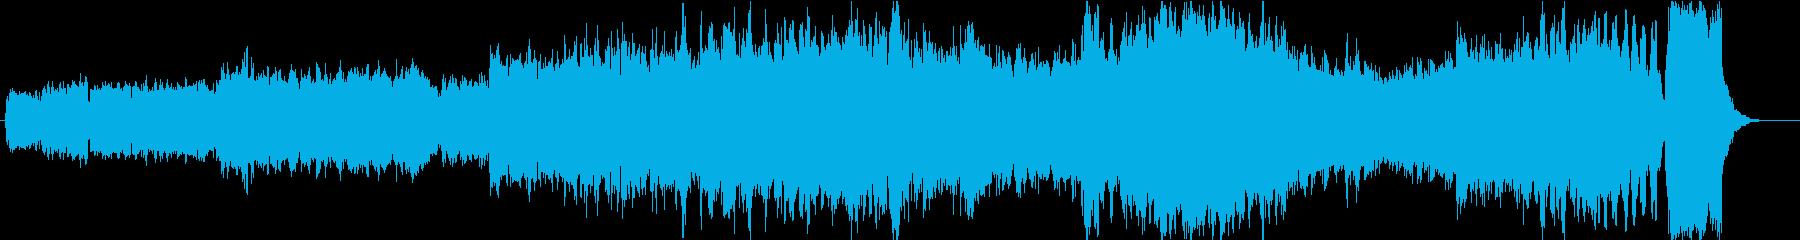 バッハ 小フーガト短調の再生済みの波形